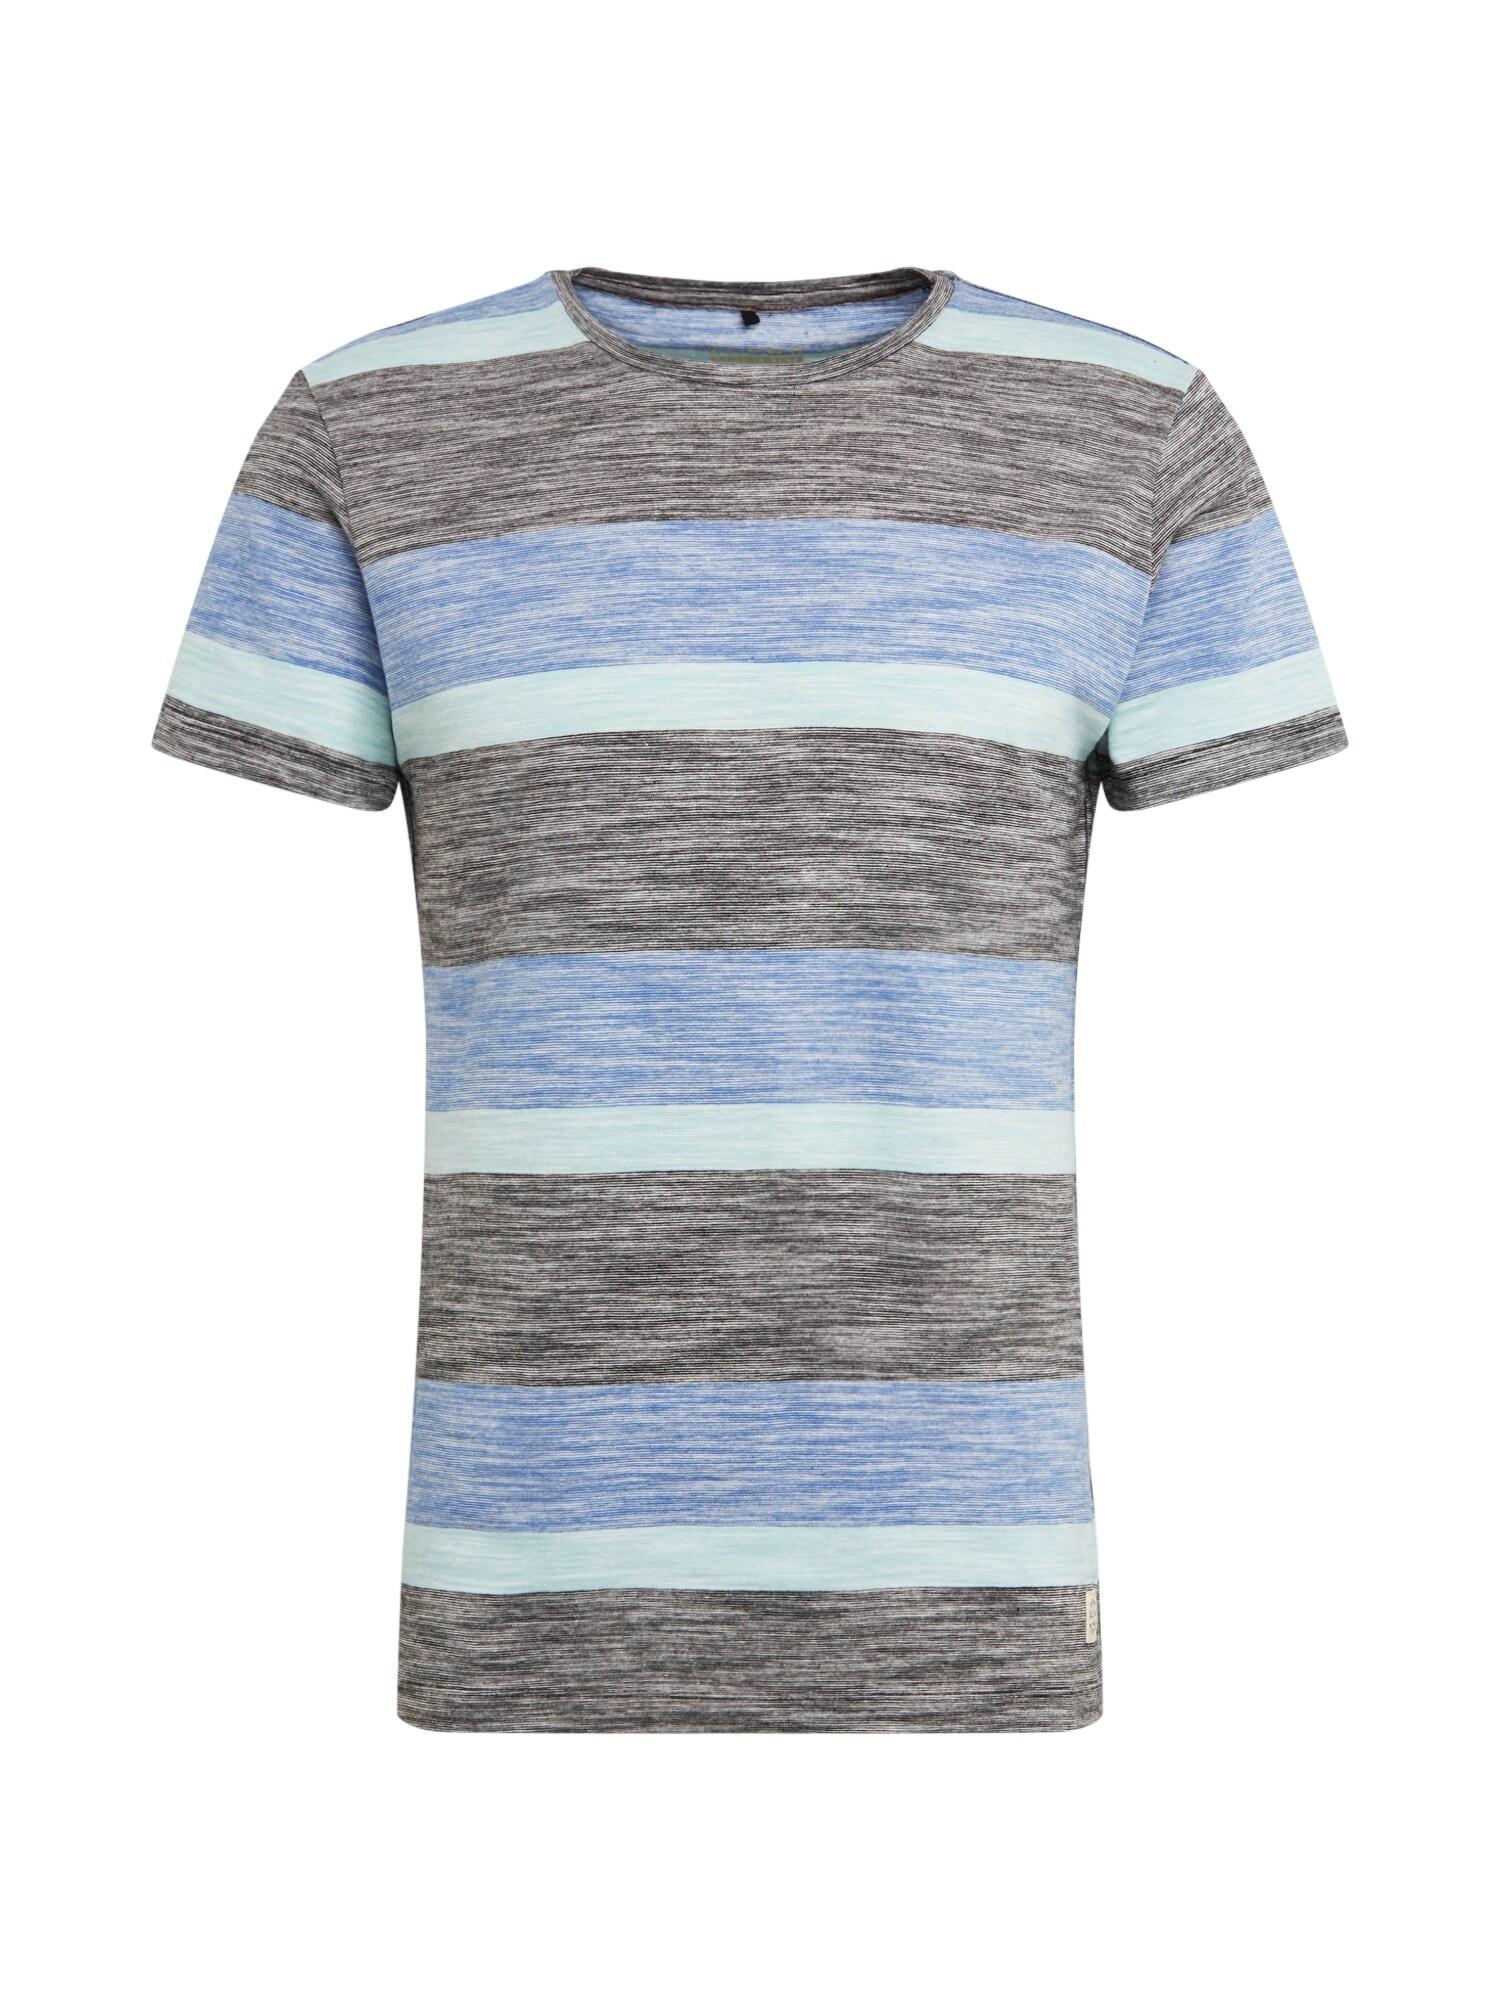 BLEND Marškinėliai 'Tee' mėlyna / mišrios spalvos